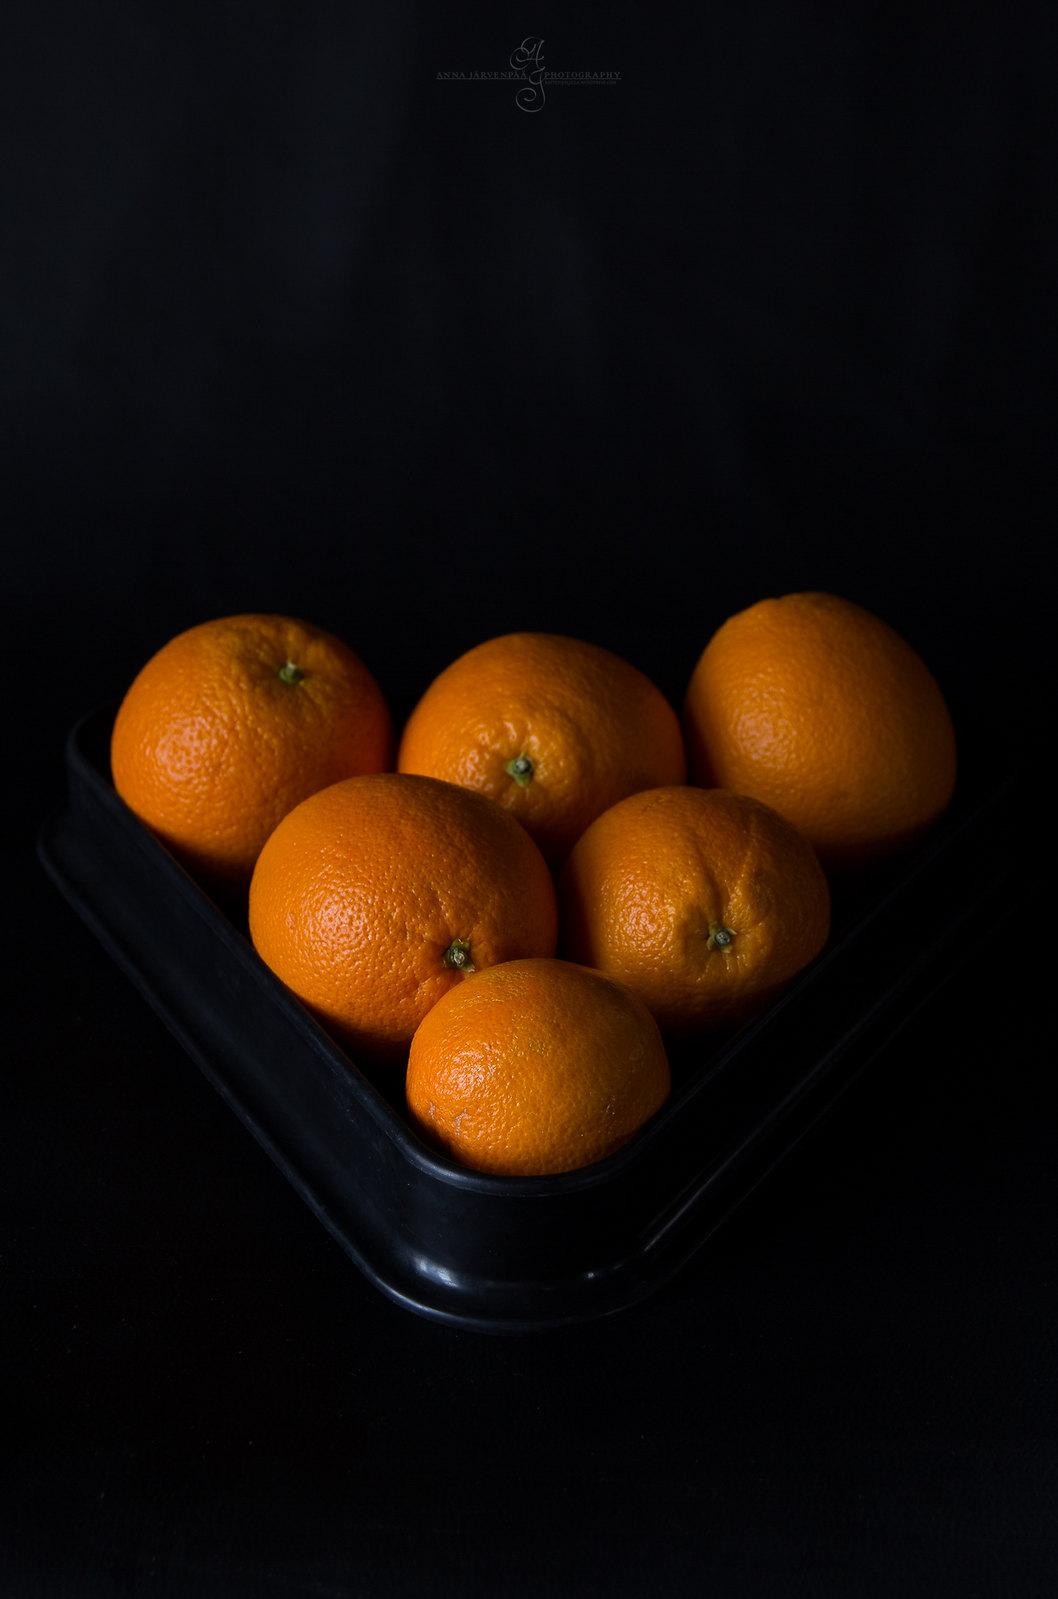 Musta, oranssi, keltainen